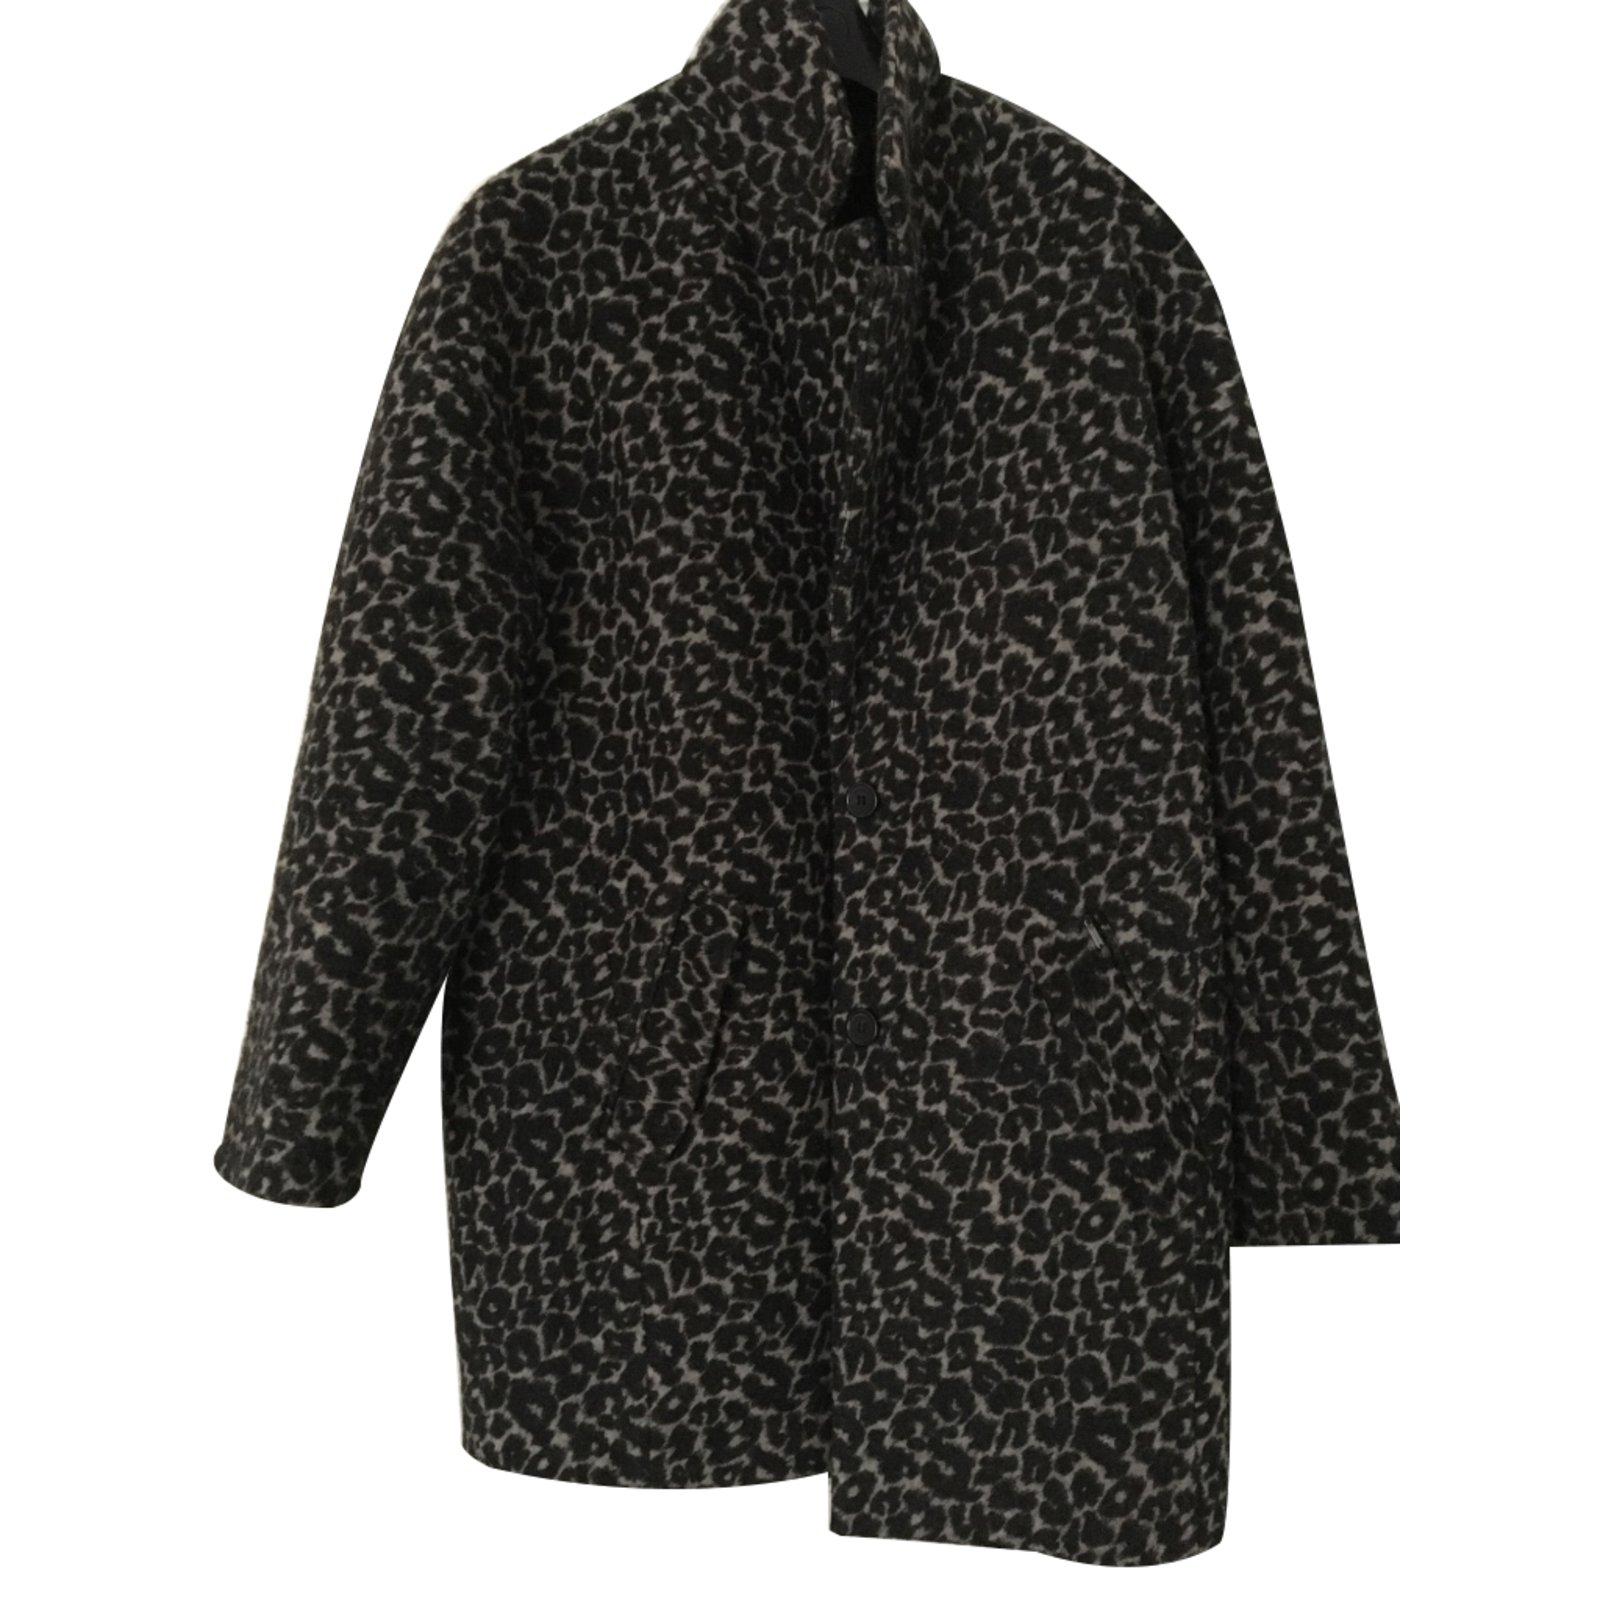 manteaux ikks manteau laine noir imprim l opard gris anthracite joli closet. Black Bedroom Furniture Sets. Home Design Ideas